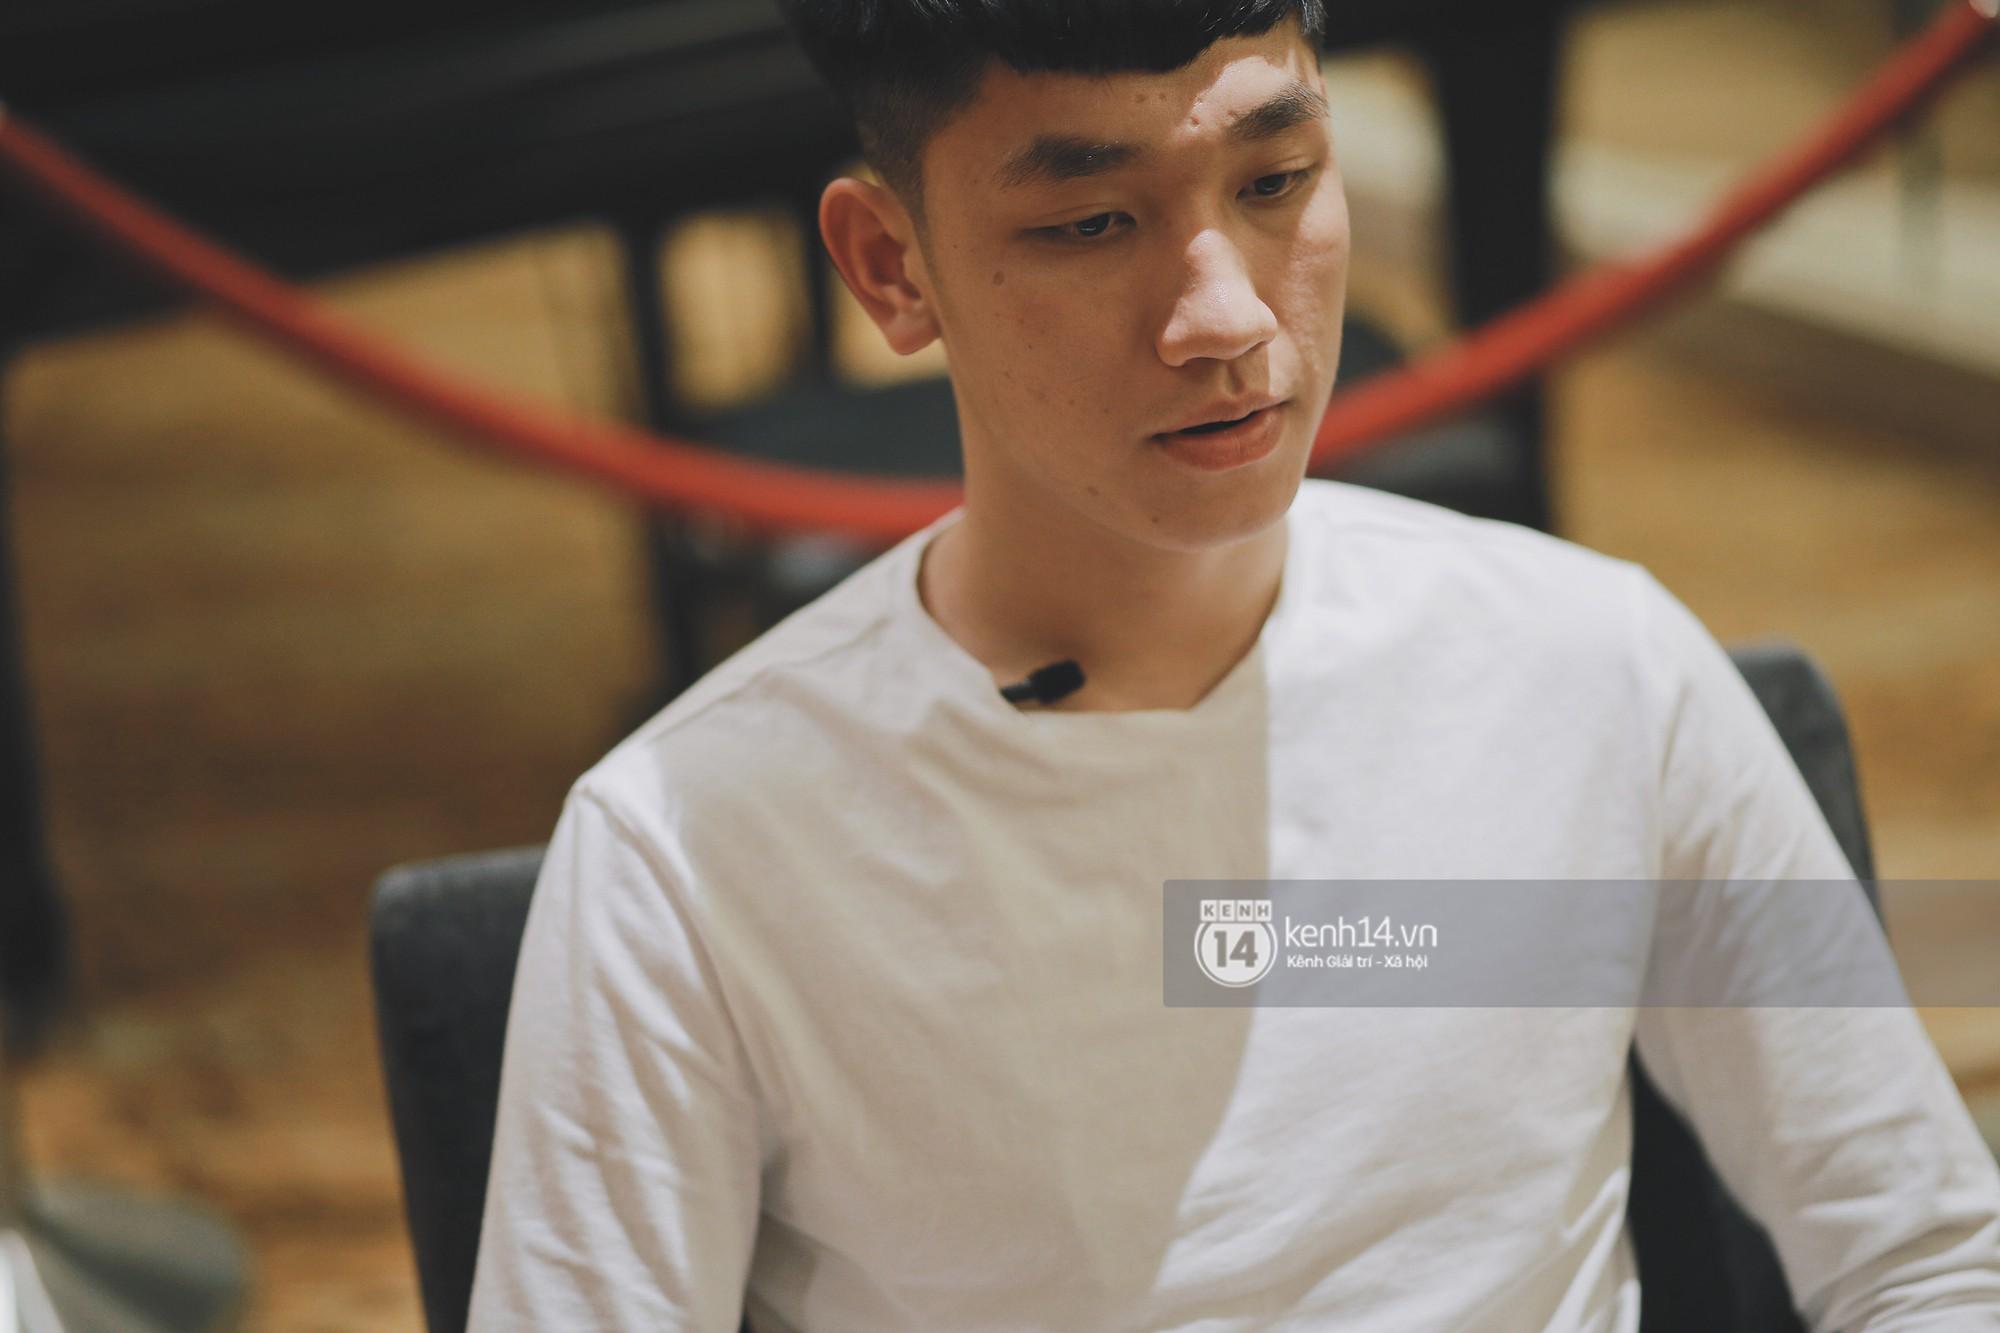 """Trọng Đại - anh chàng """"cool ngầu"""" của U23: Nếu là con gái sẽ chọn Văn Đức hoặc Văn Hậu để... hẹn hò 4"""